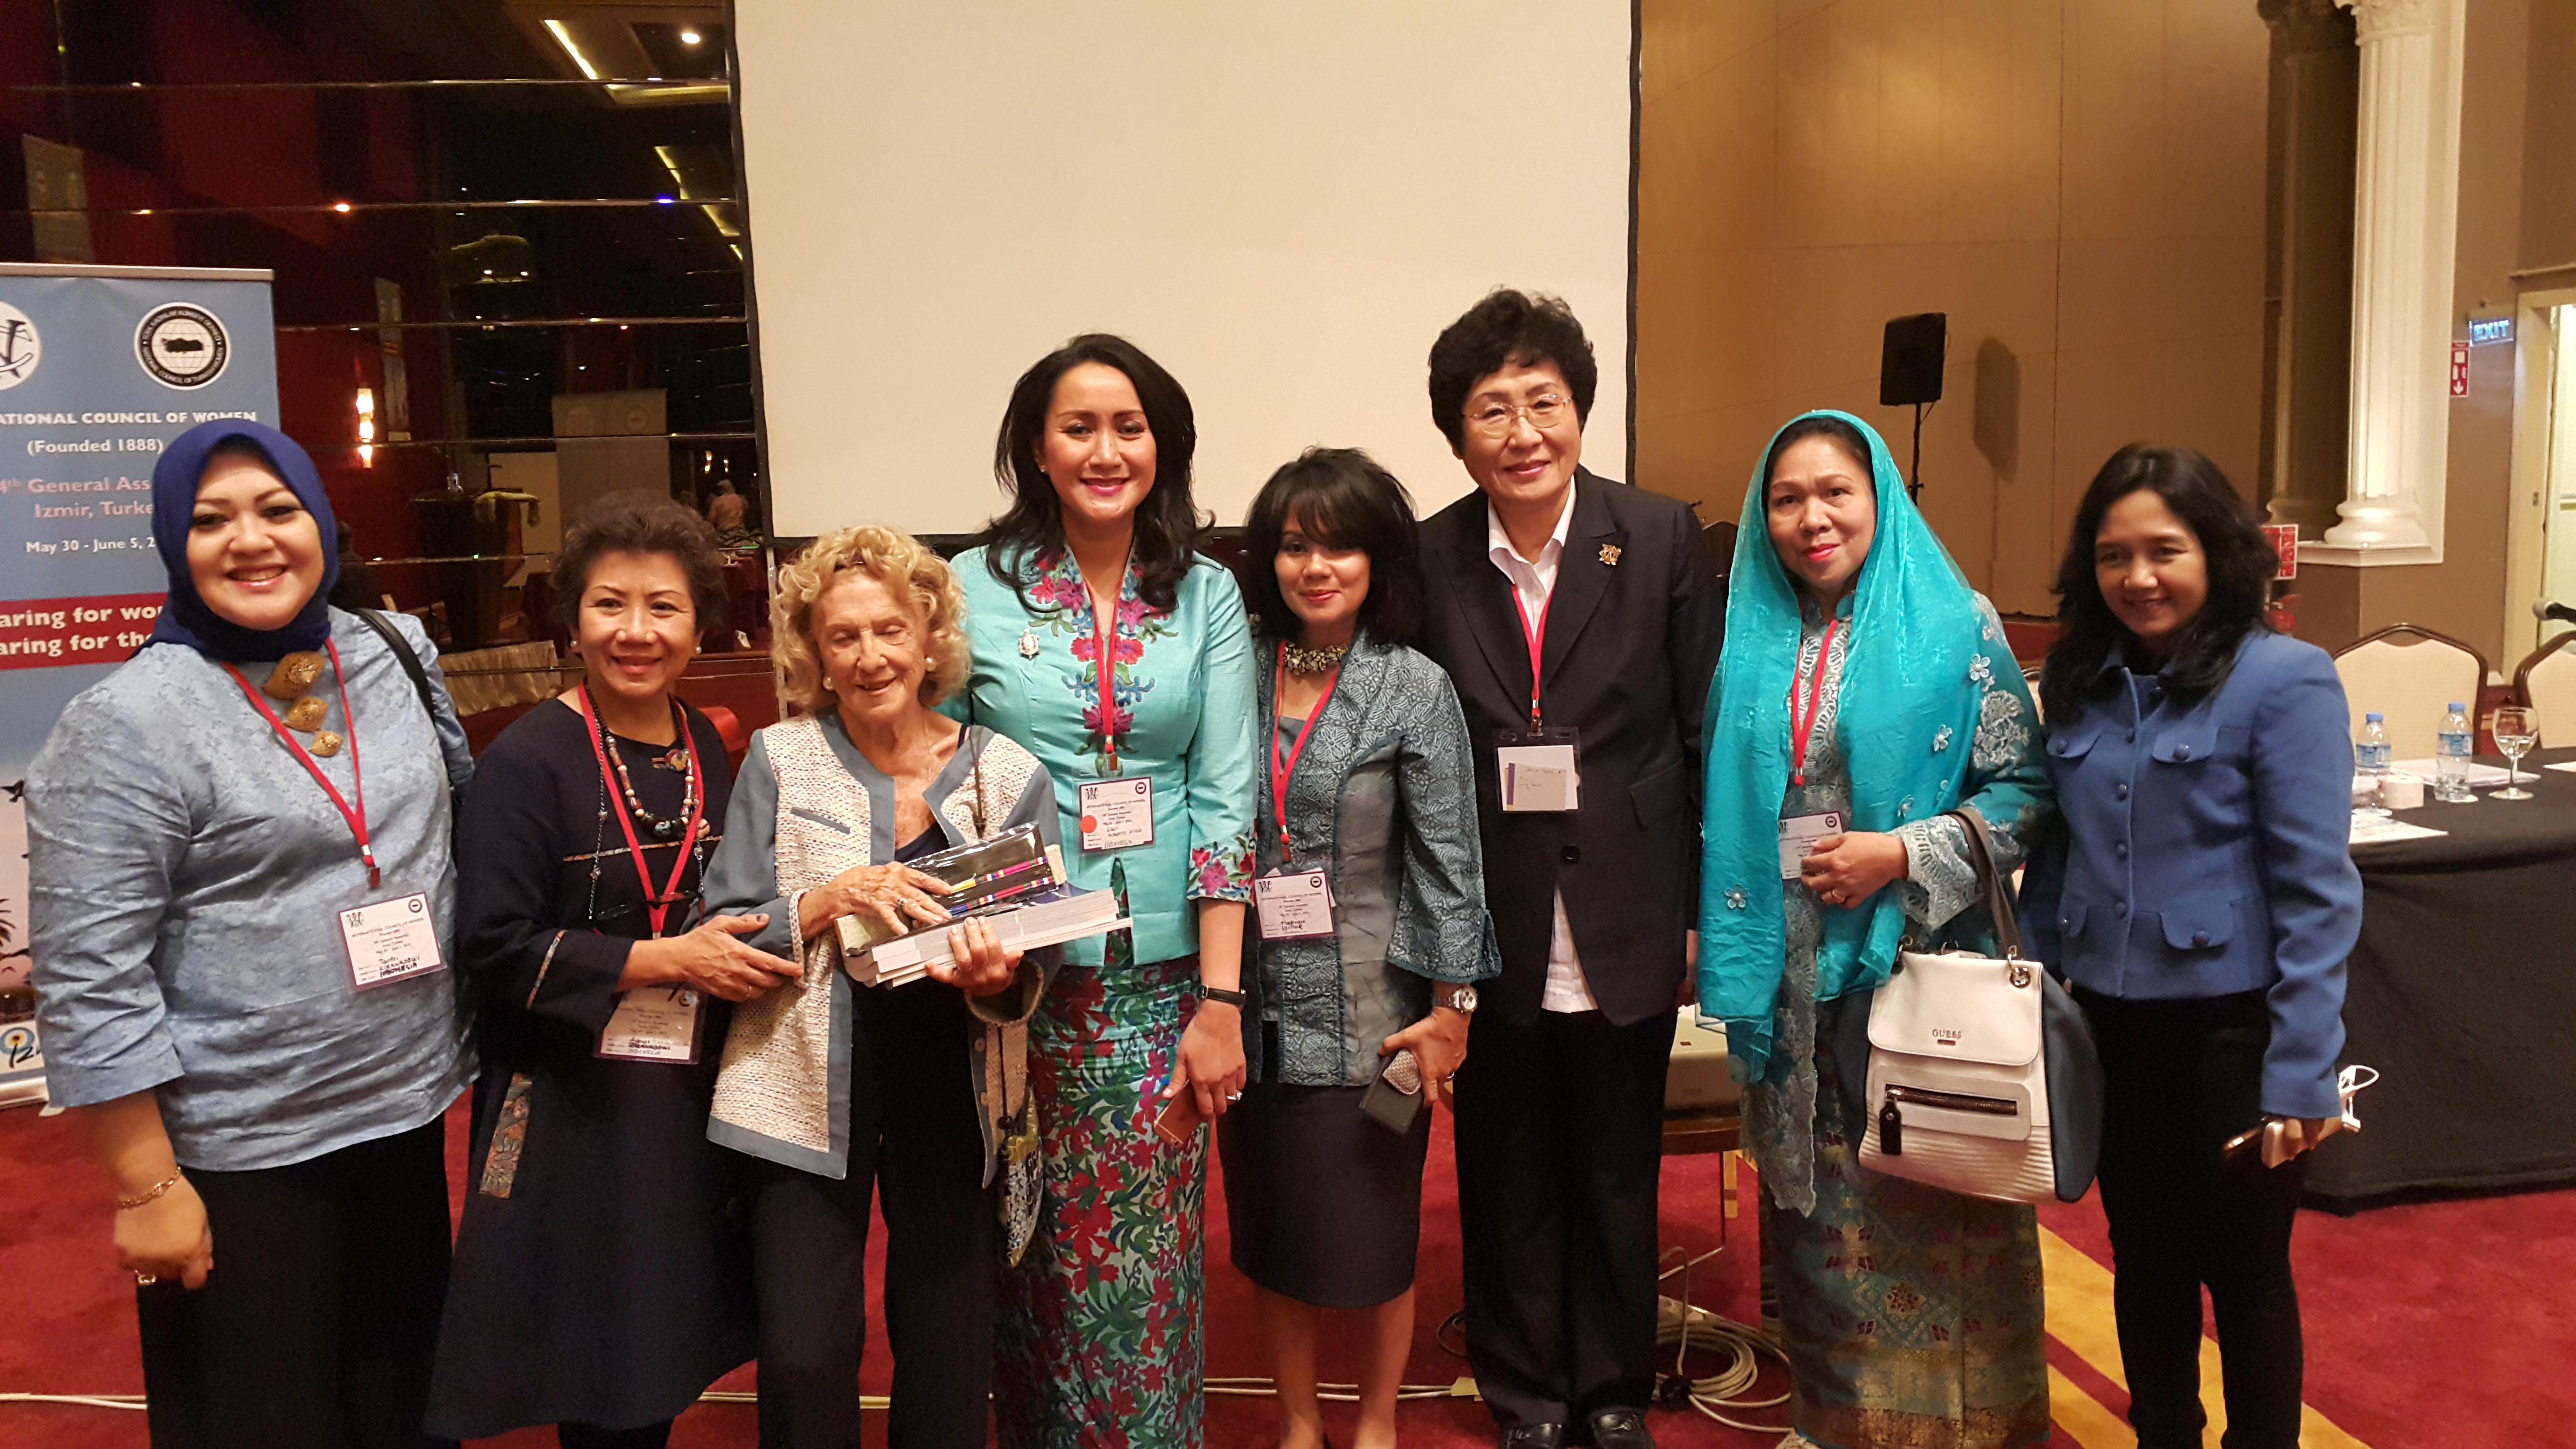 게시판 Photos The 34th General Assemly Of International Council Of Women In Izmir Turkey 2015